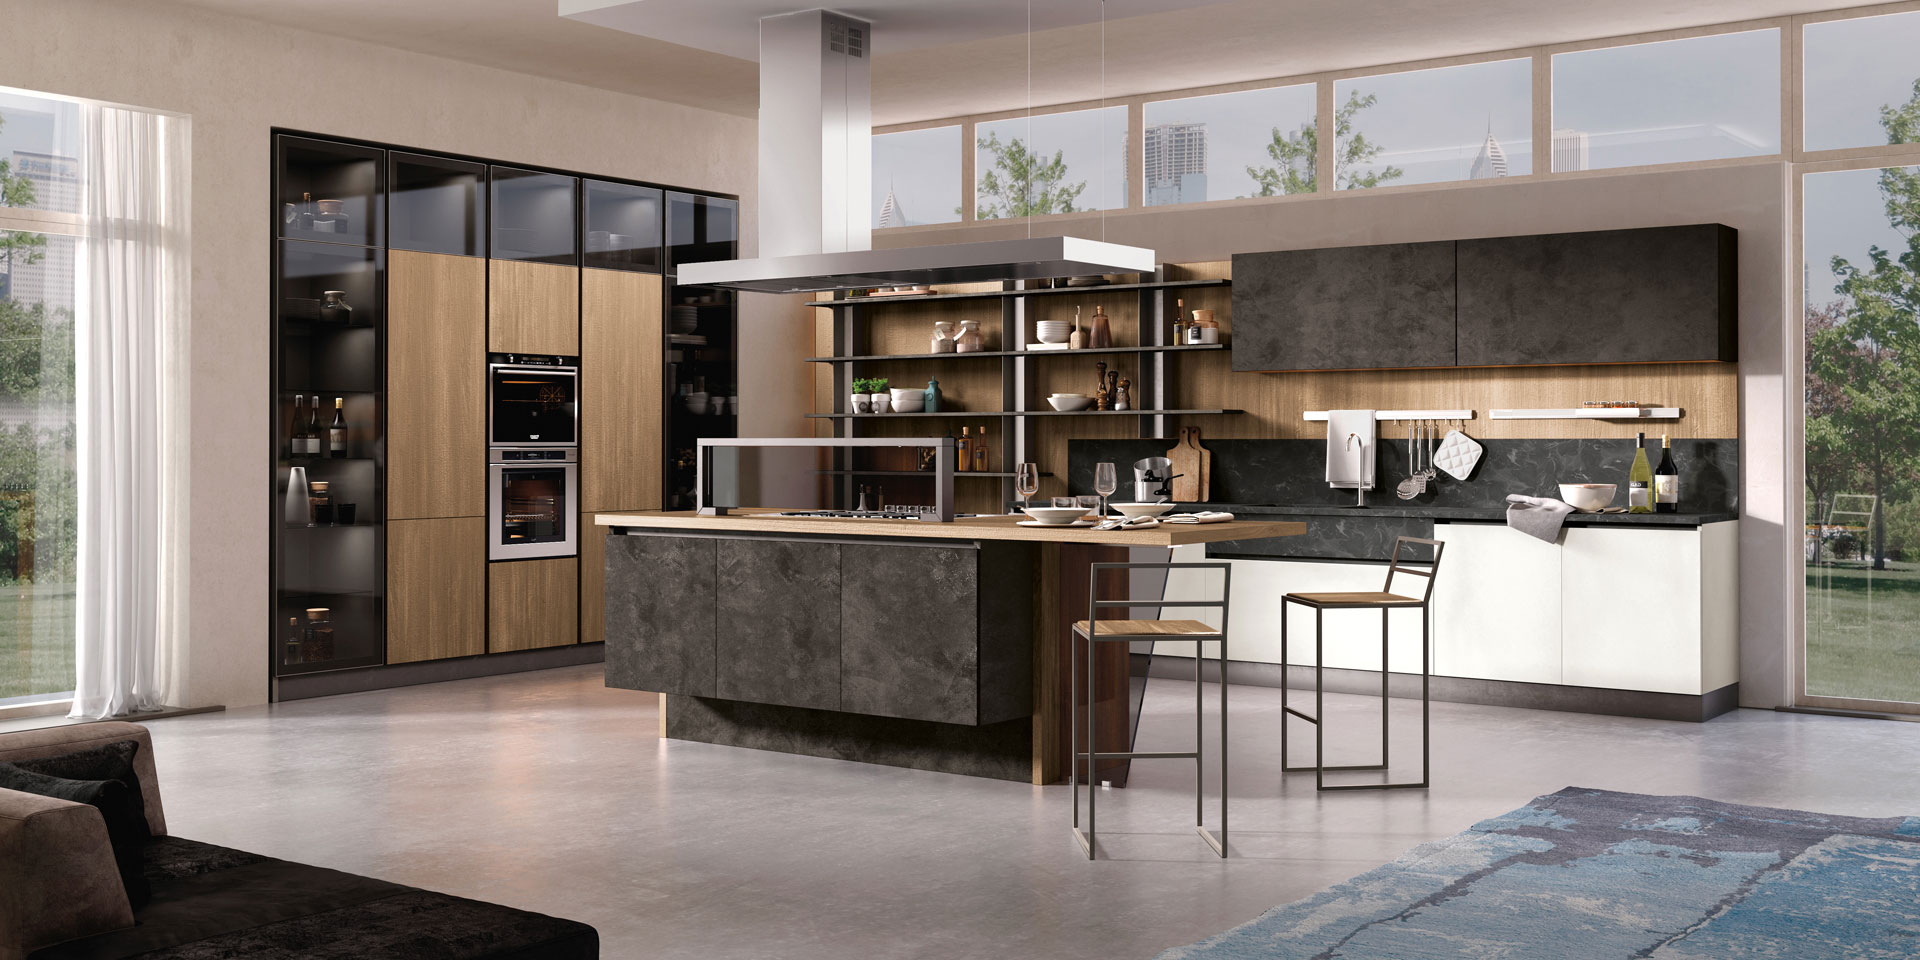 Cucina componibile moderna cucina miami spar - Foto cucine moderne ...